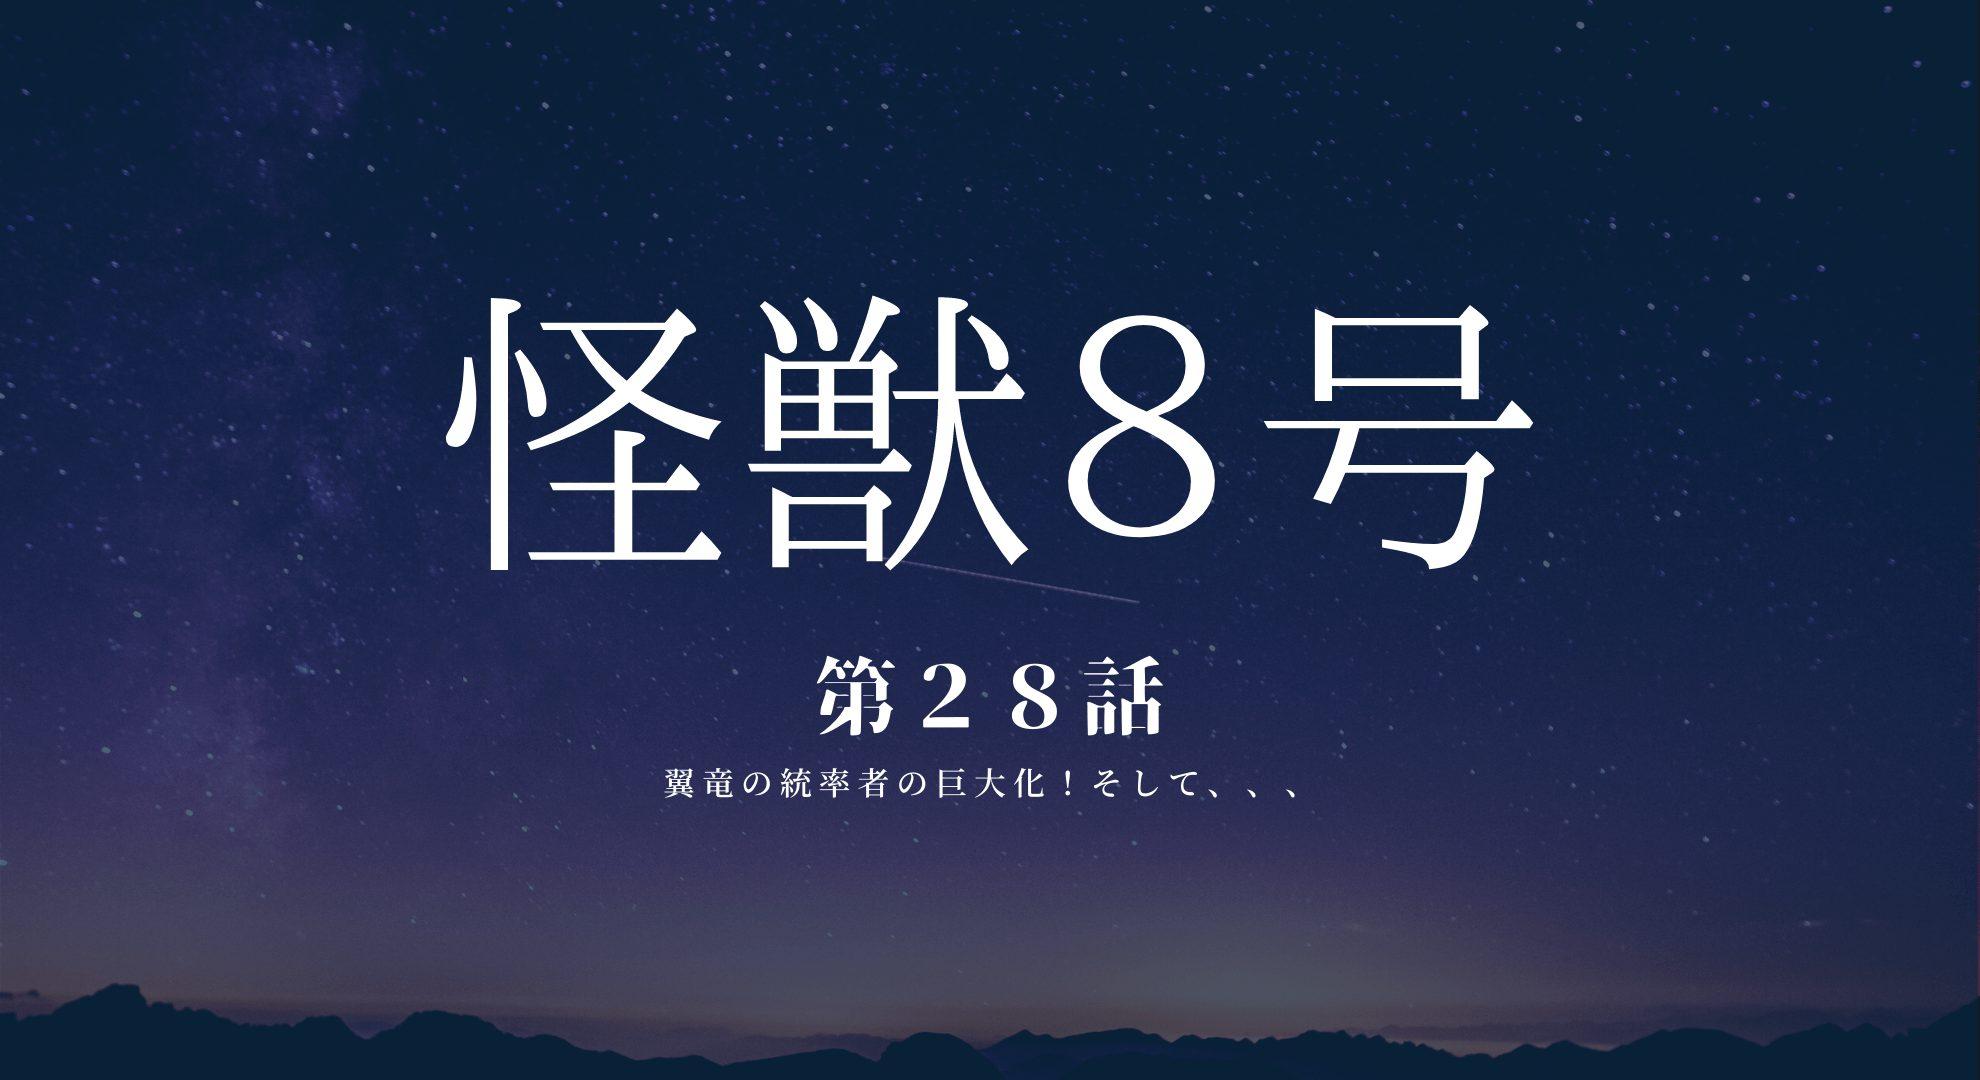 怪獣8号28話のアイキャッチ画像